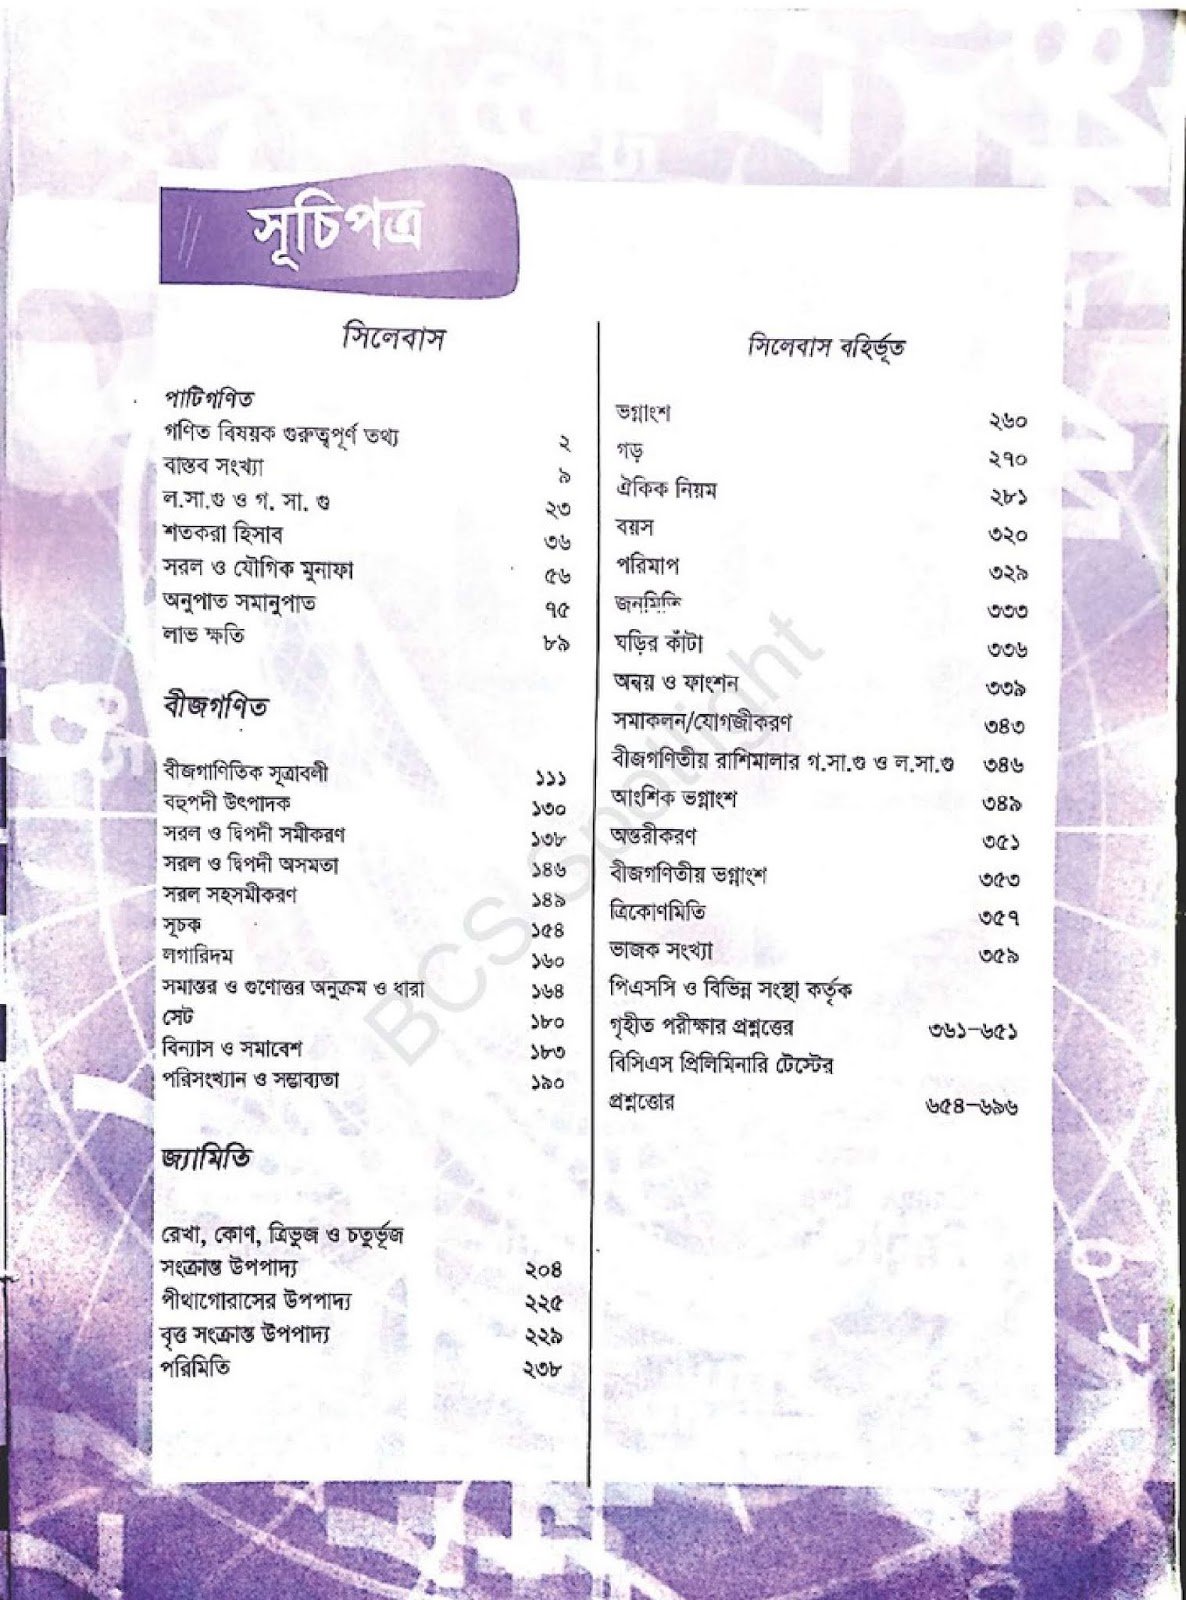 ওরাকল জব সলিউশন Pdf Free Download | ওরাকল গাণিতিক যুক্তি pdf |সরকারি চাকরির প্রস্তুতি বই